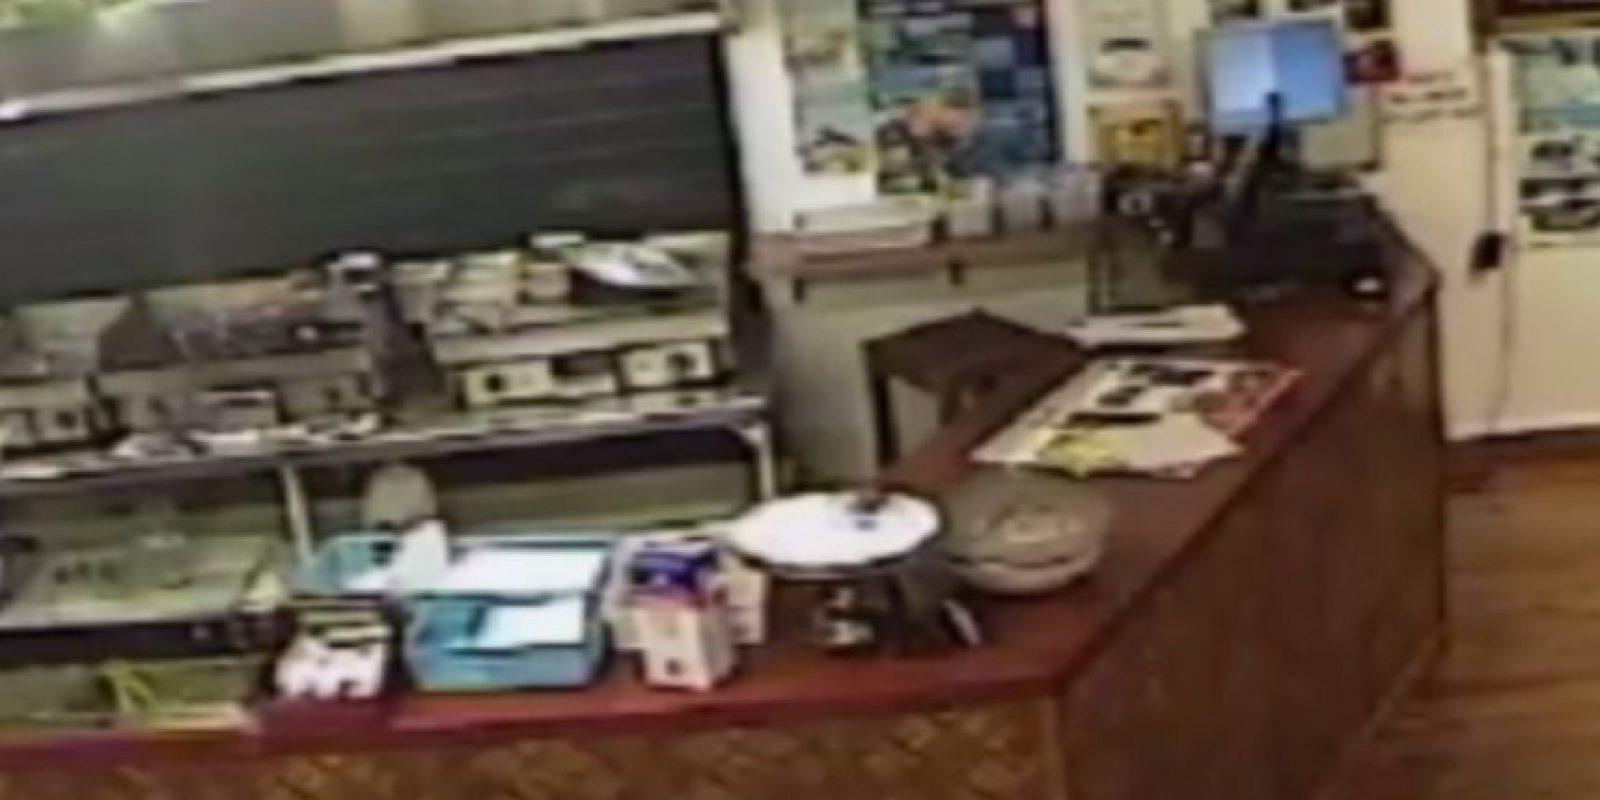 Luego se dio la vuelta y dejó al ladrón solo Foto:Canterbury Police/ Facebook